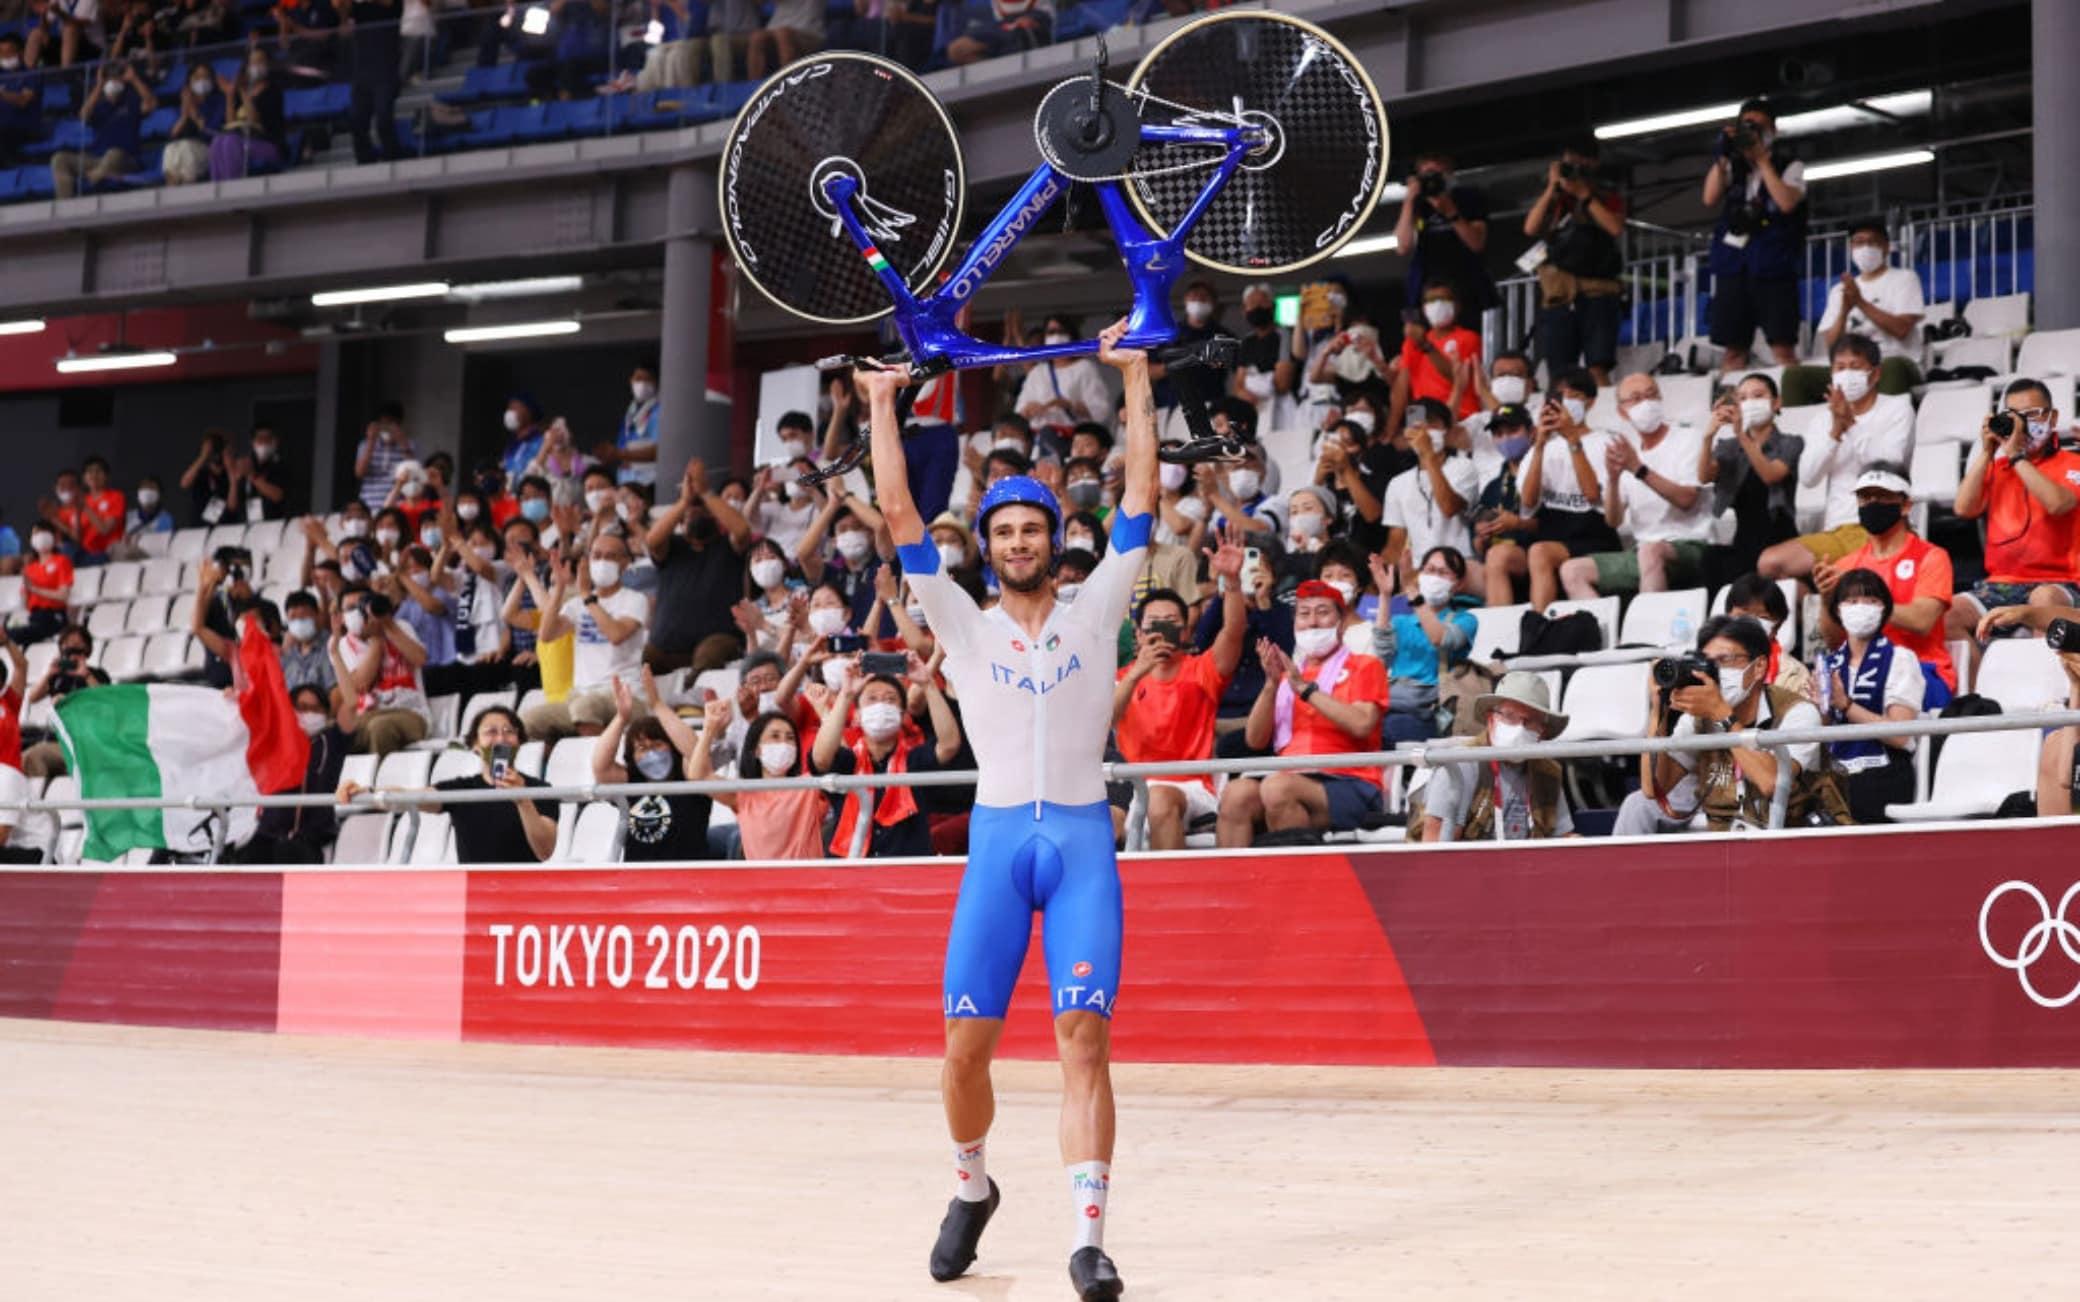 Olimpiadi, ciclismo su pista: Italia oro nell'inseguimento a squadre a Tokyo  2020   Sky Sport